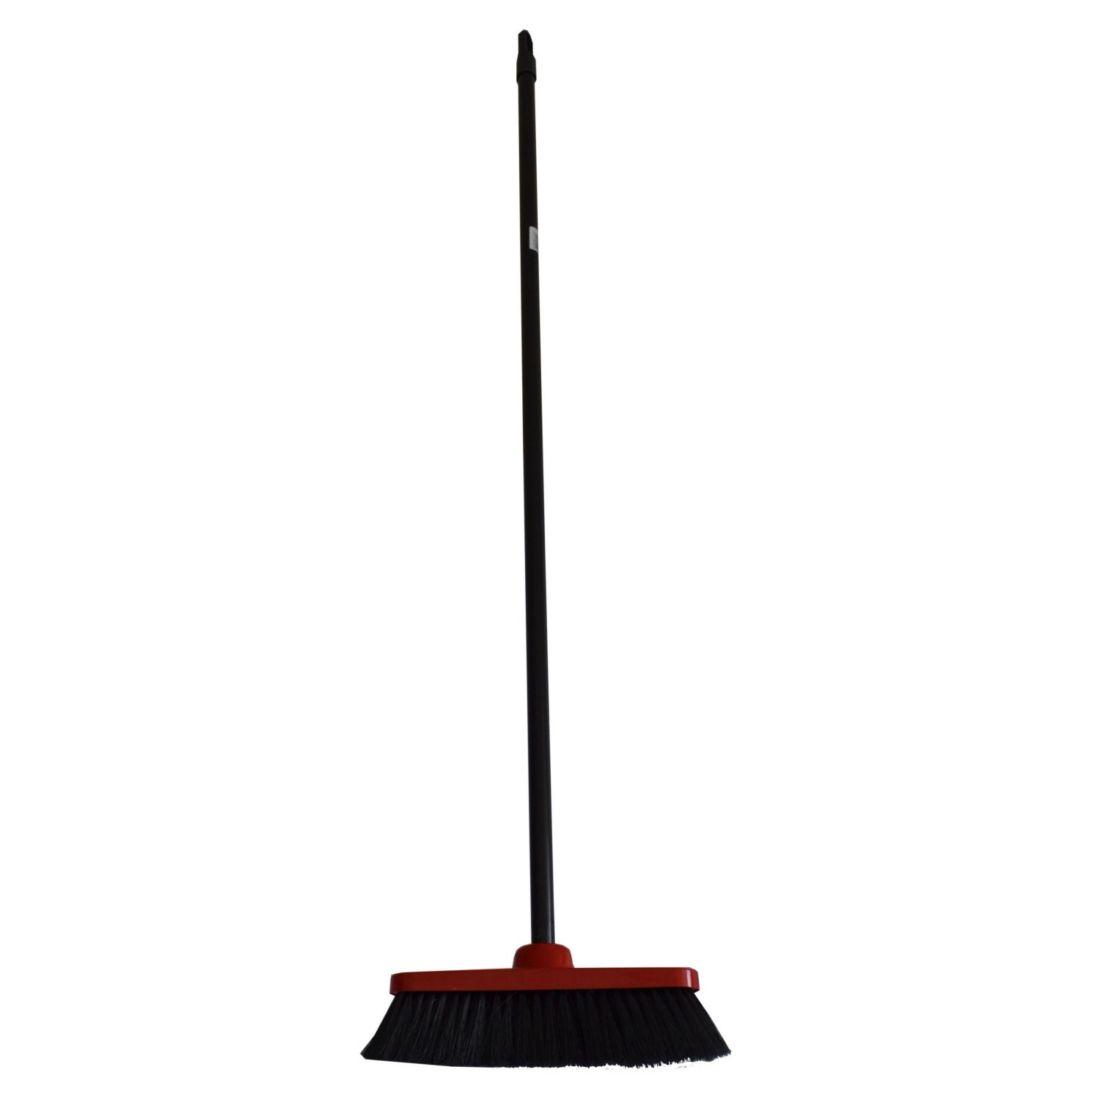 Smeták 30 cm s tyčí 120 cm